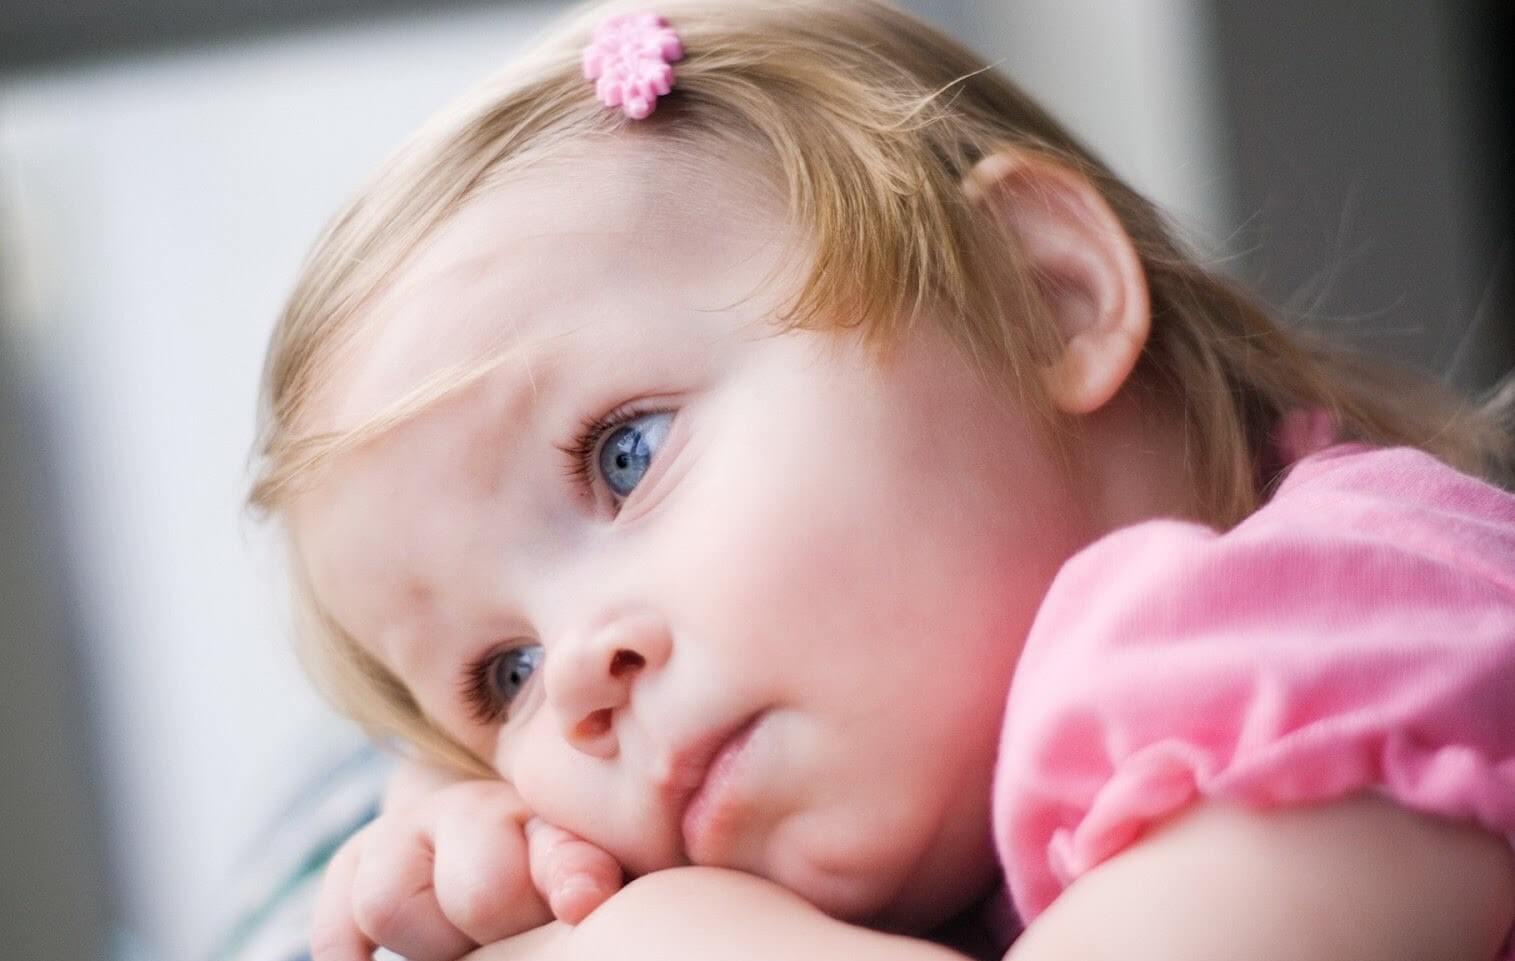 Кашель у ребенка без температуры и насморка: особенности проявления и способы лечения